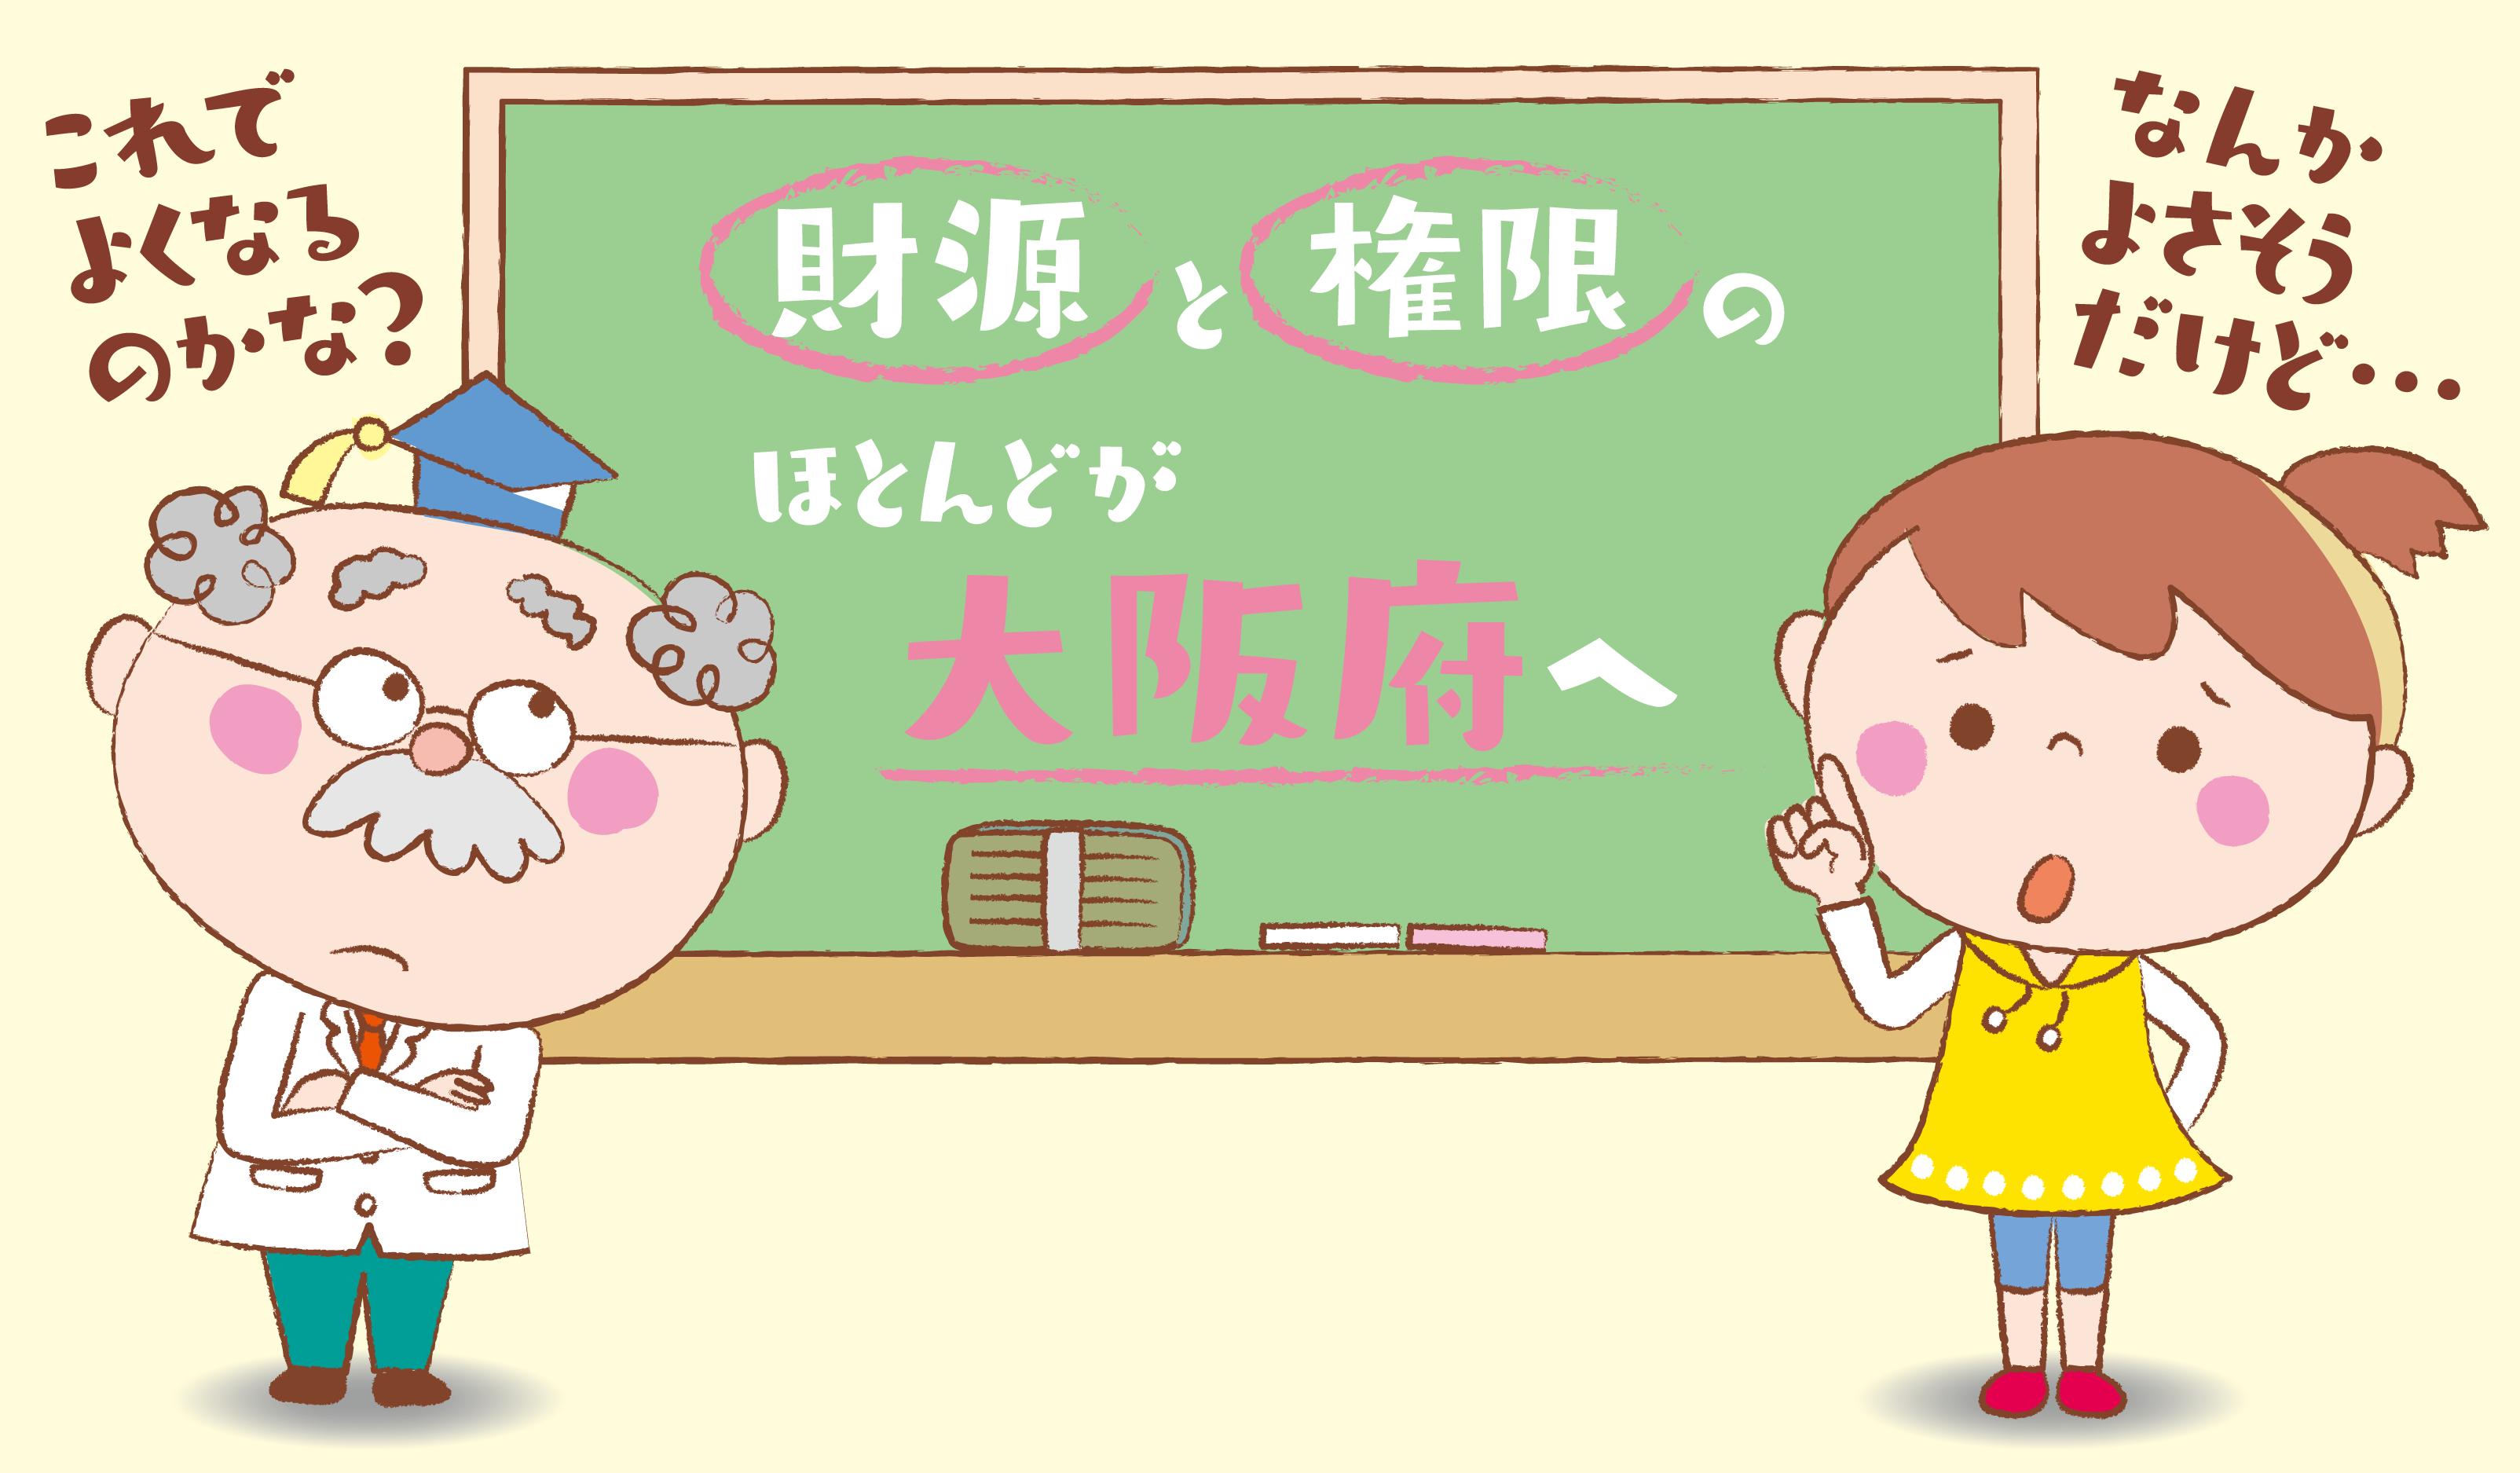 立憲民主党大阪府連「都構想」ポータル・マンガでわかる「都構想」